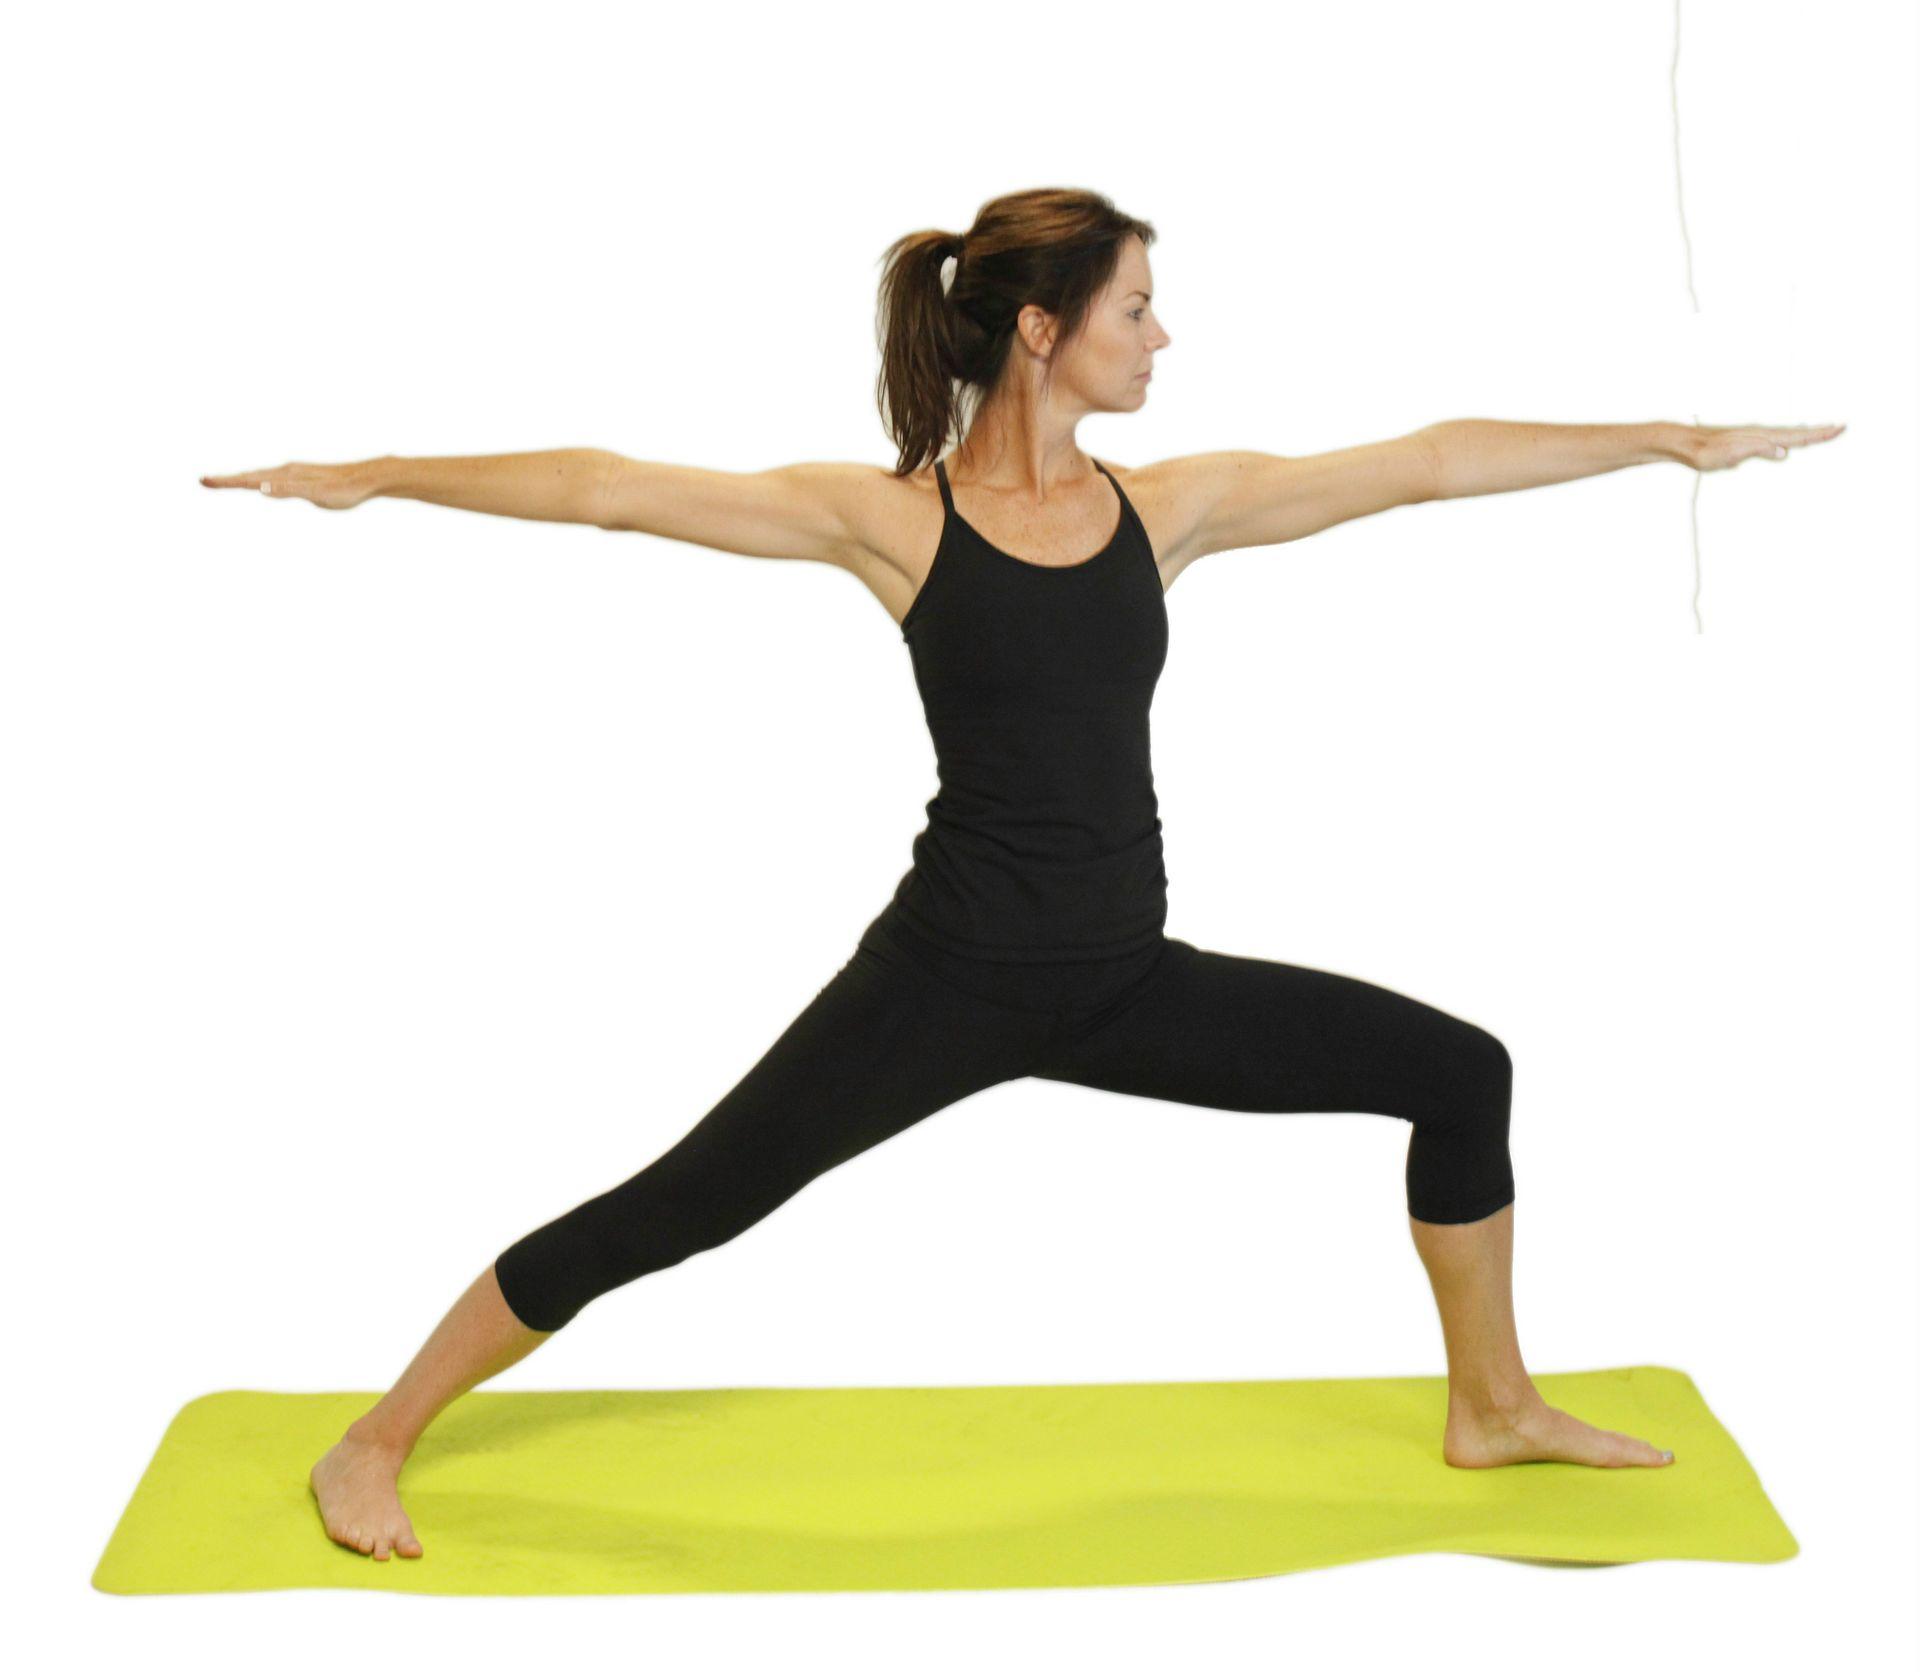 4252302243_6a09d4ab51_o_d-fitness